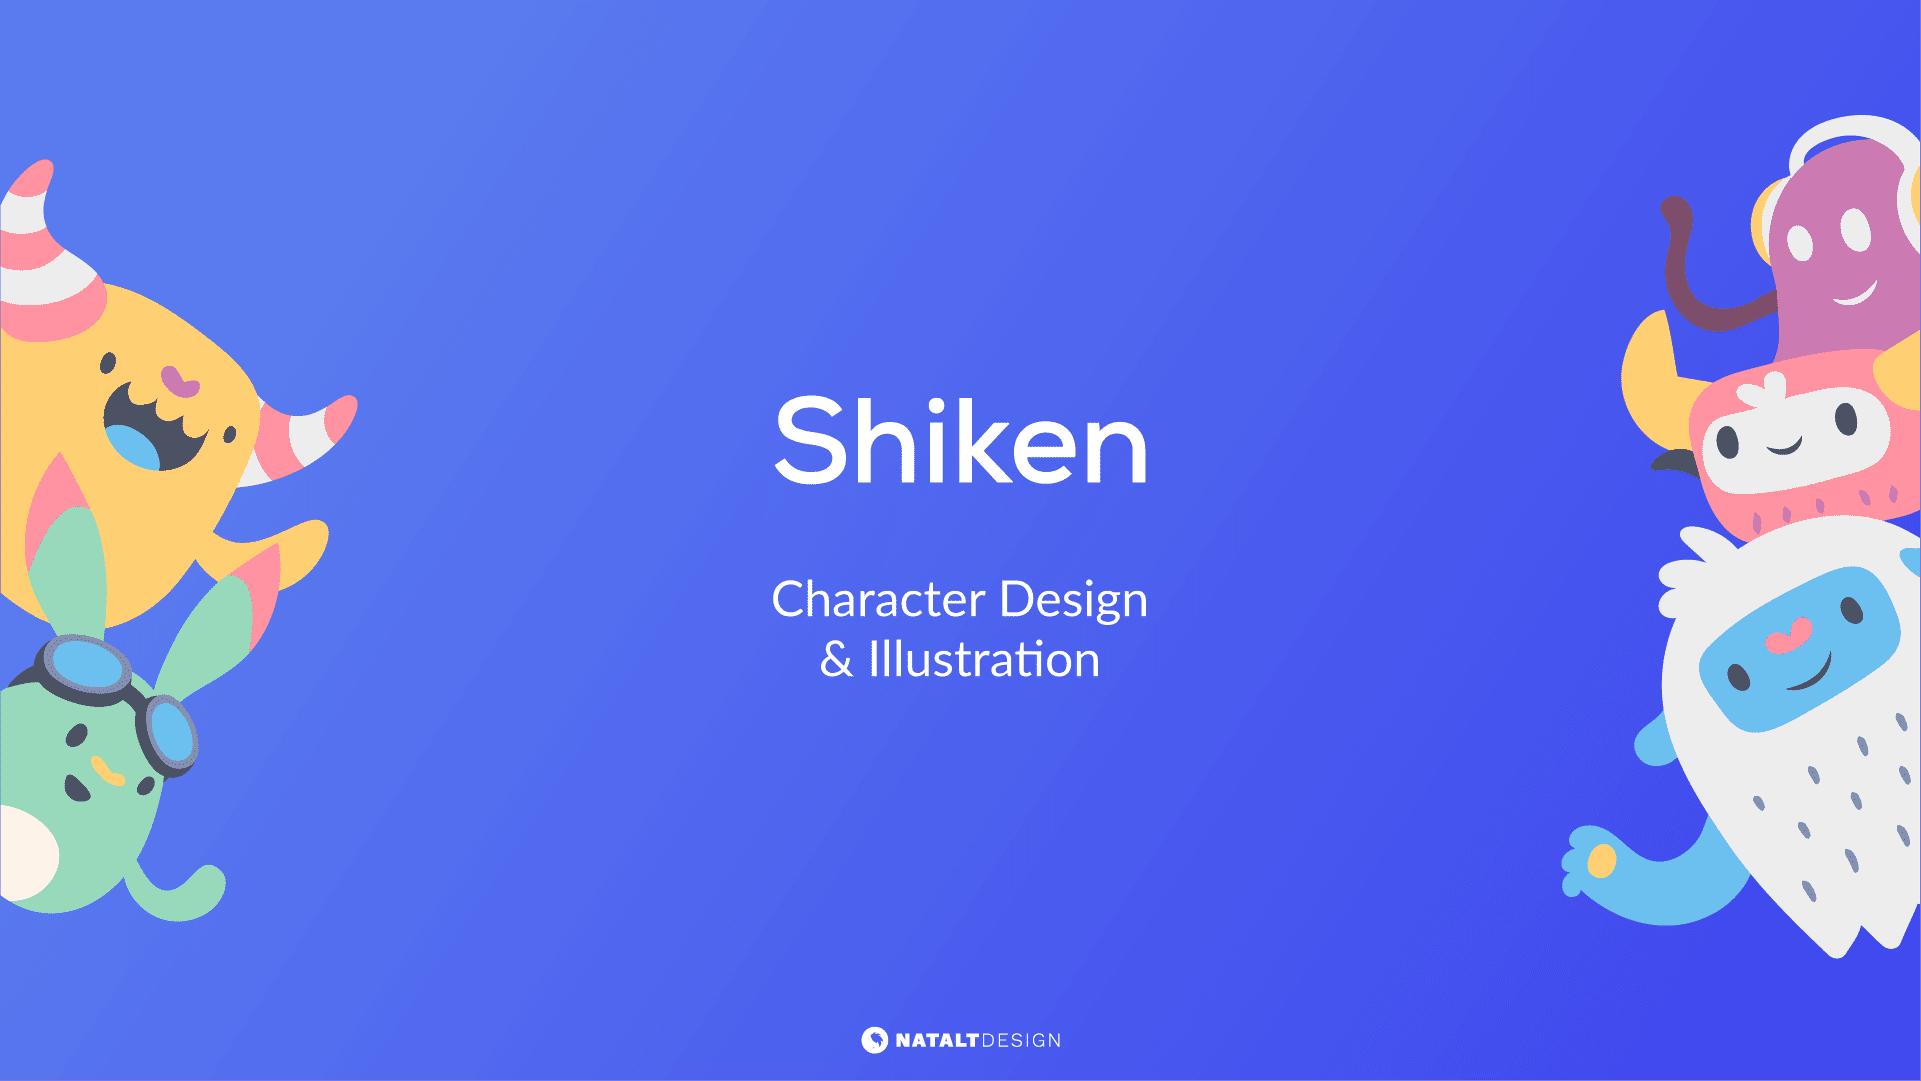 Shiken character design header